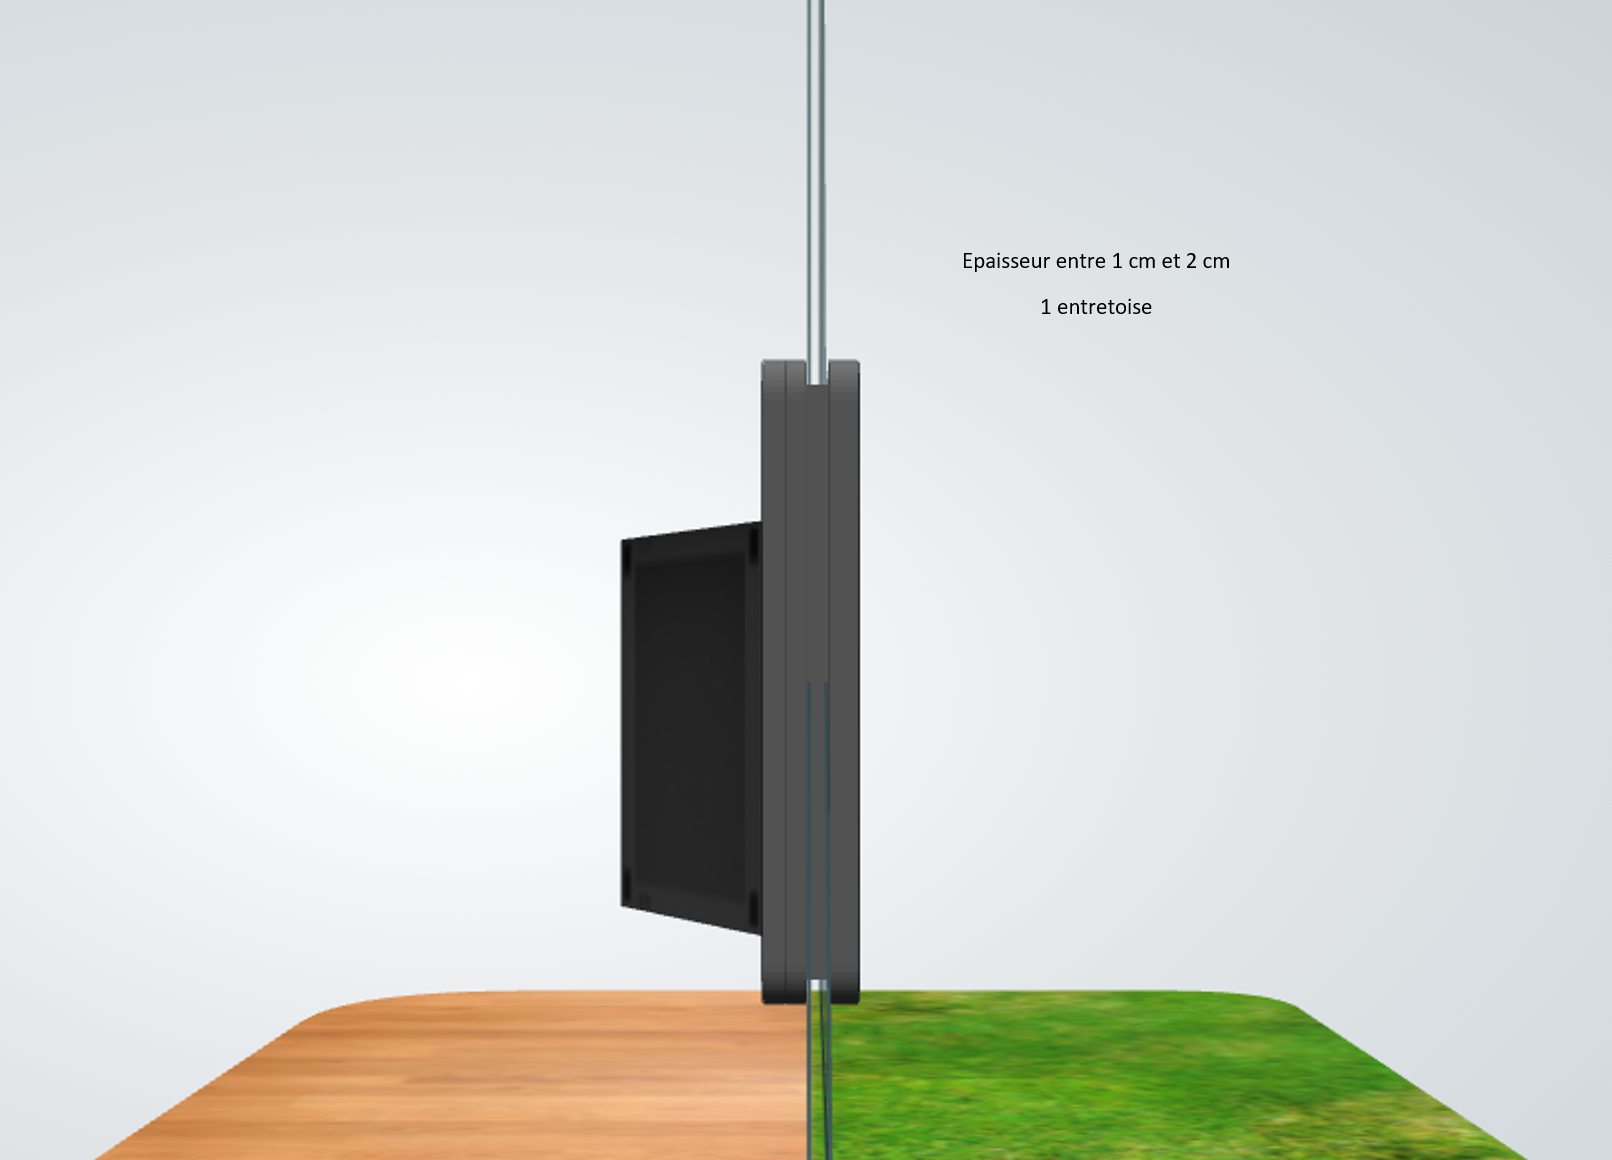 porte automatique odomestic entretoise épaisseur entre 1 cm et 2 cm